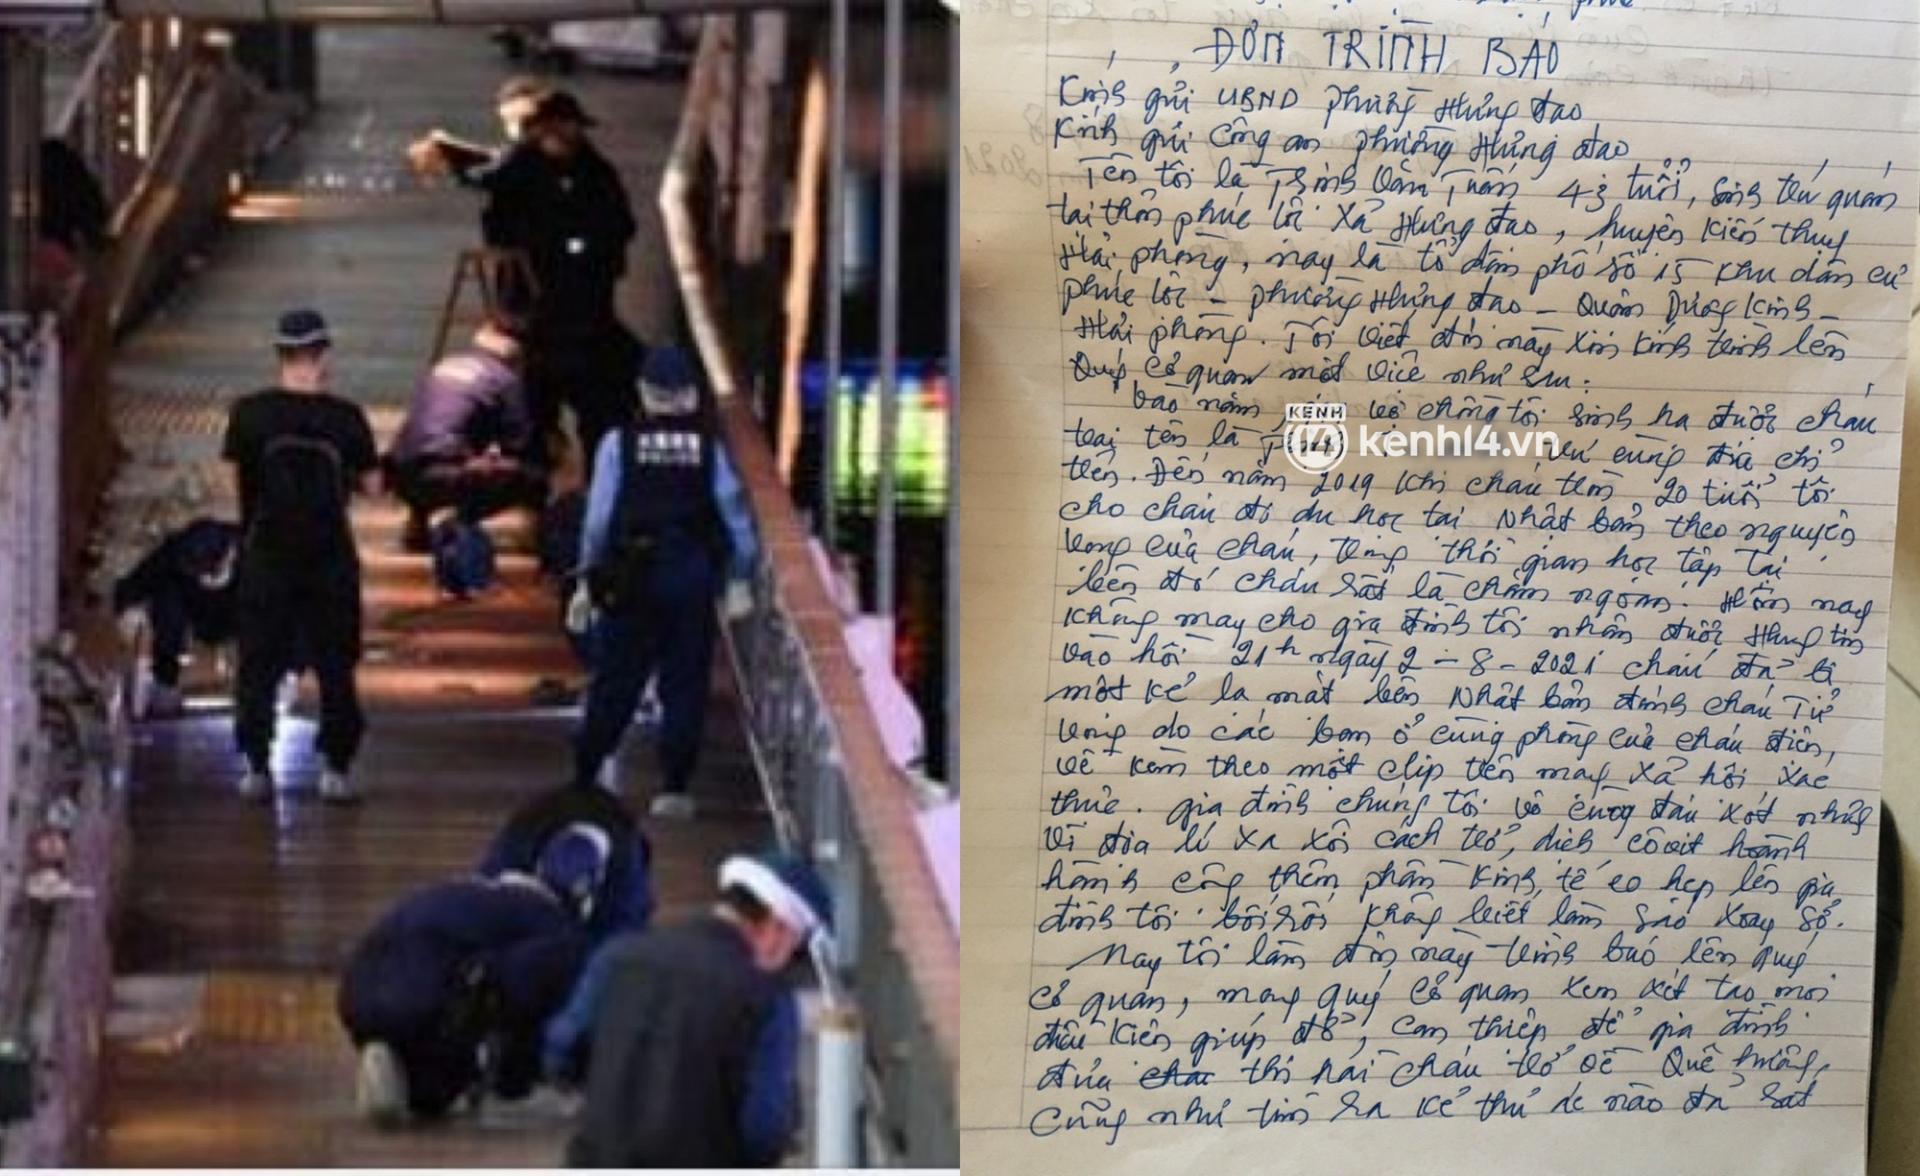 Nam sinh người Việt bị sát hại ở Nhật: Cảnh sát thông báo nguyên nhân, gia đình đau xót làm đơn xin giúp đỡ 3